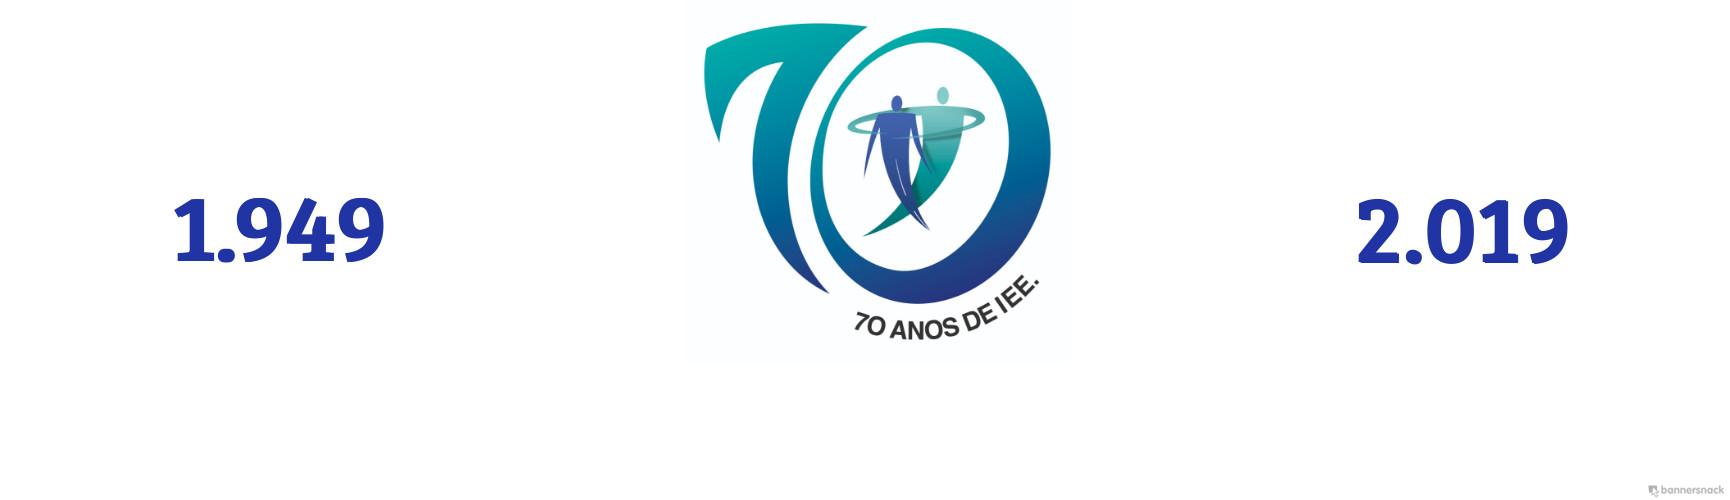 banner70anos (1)